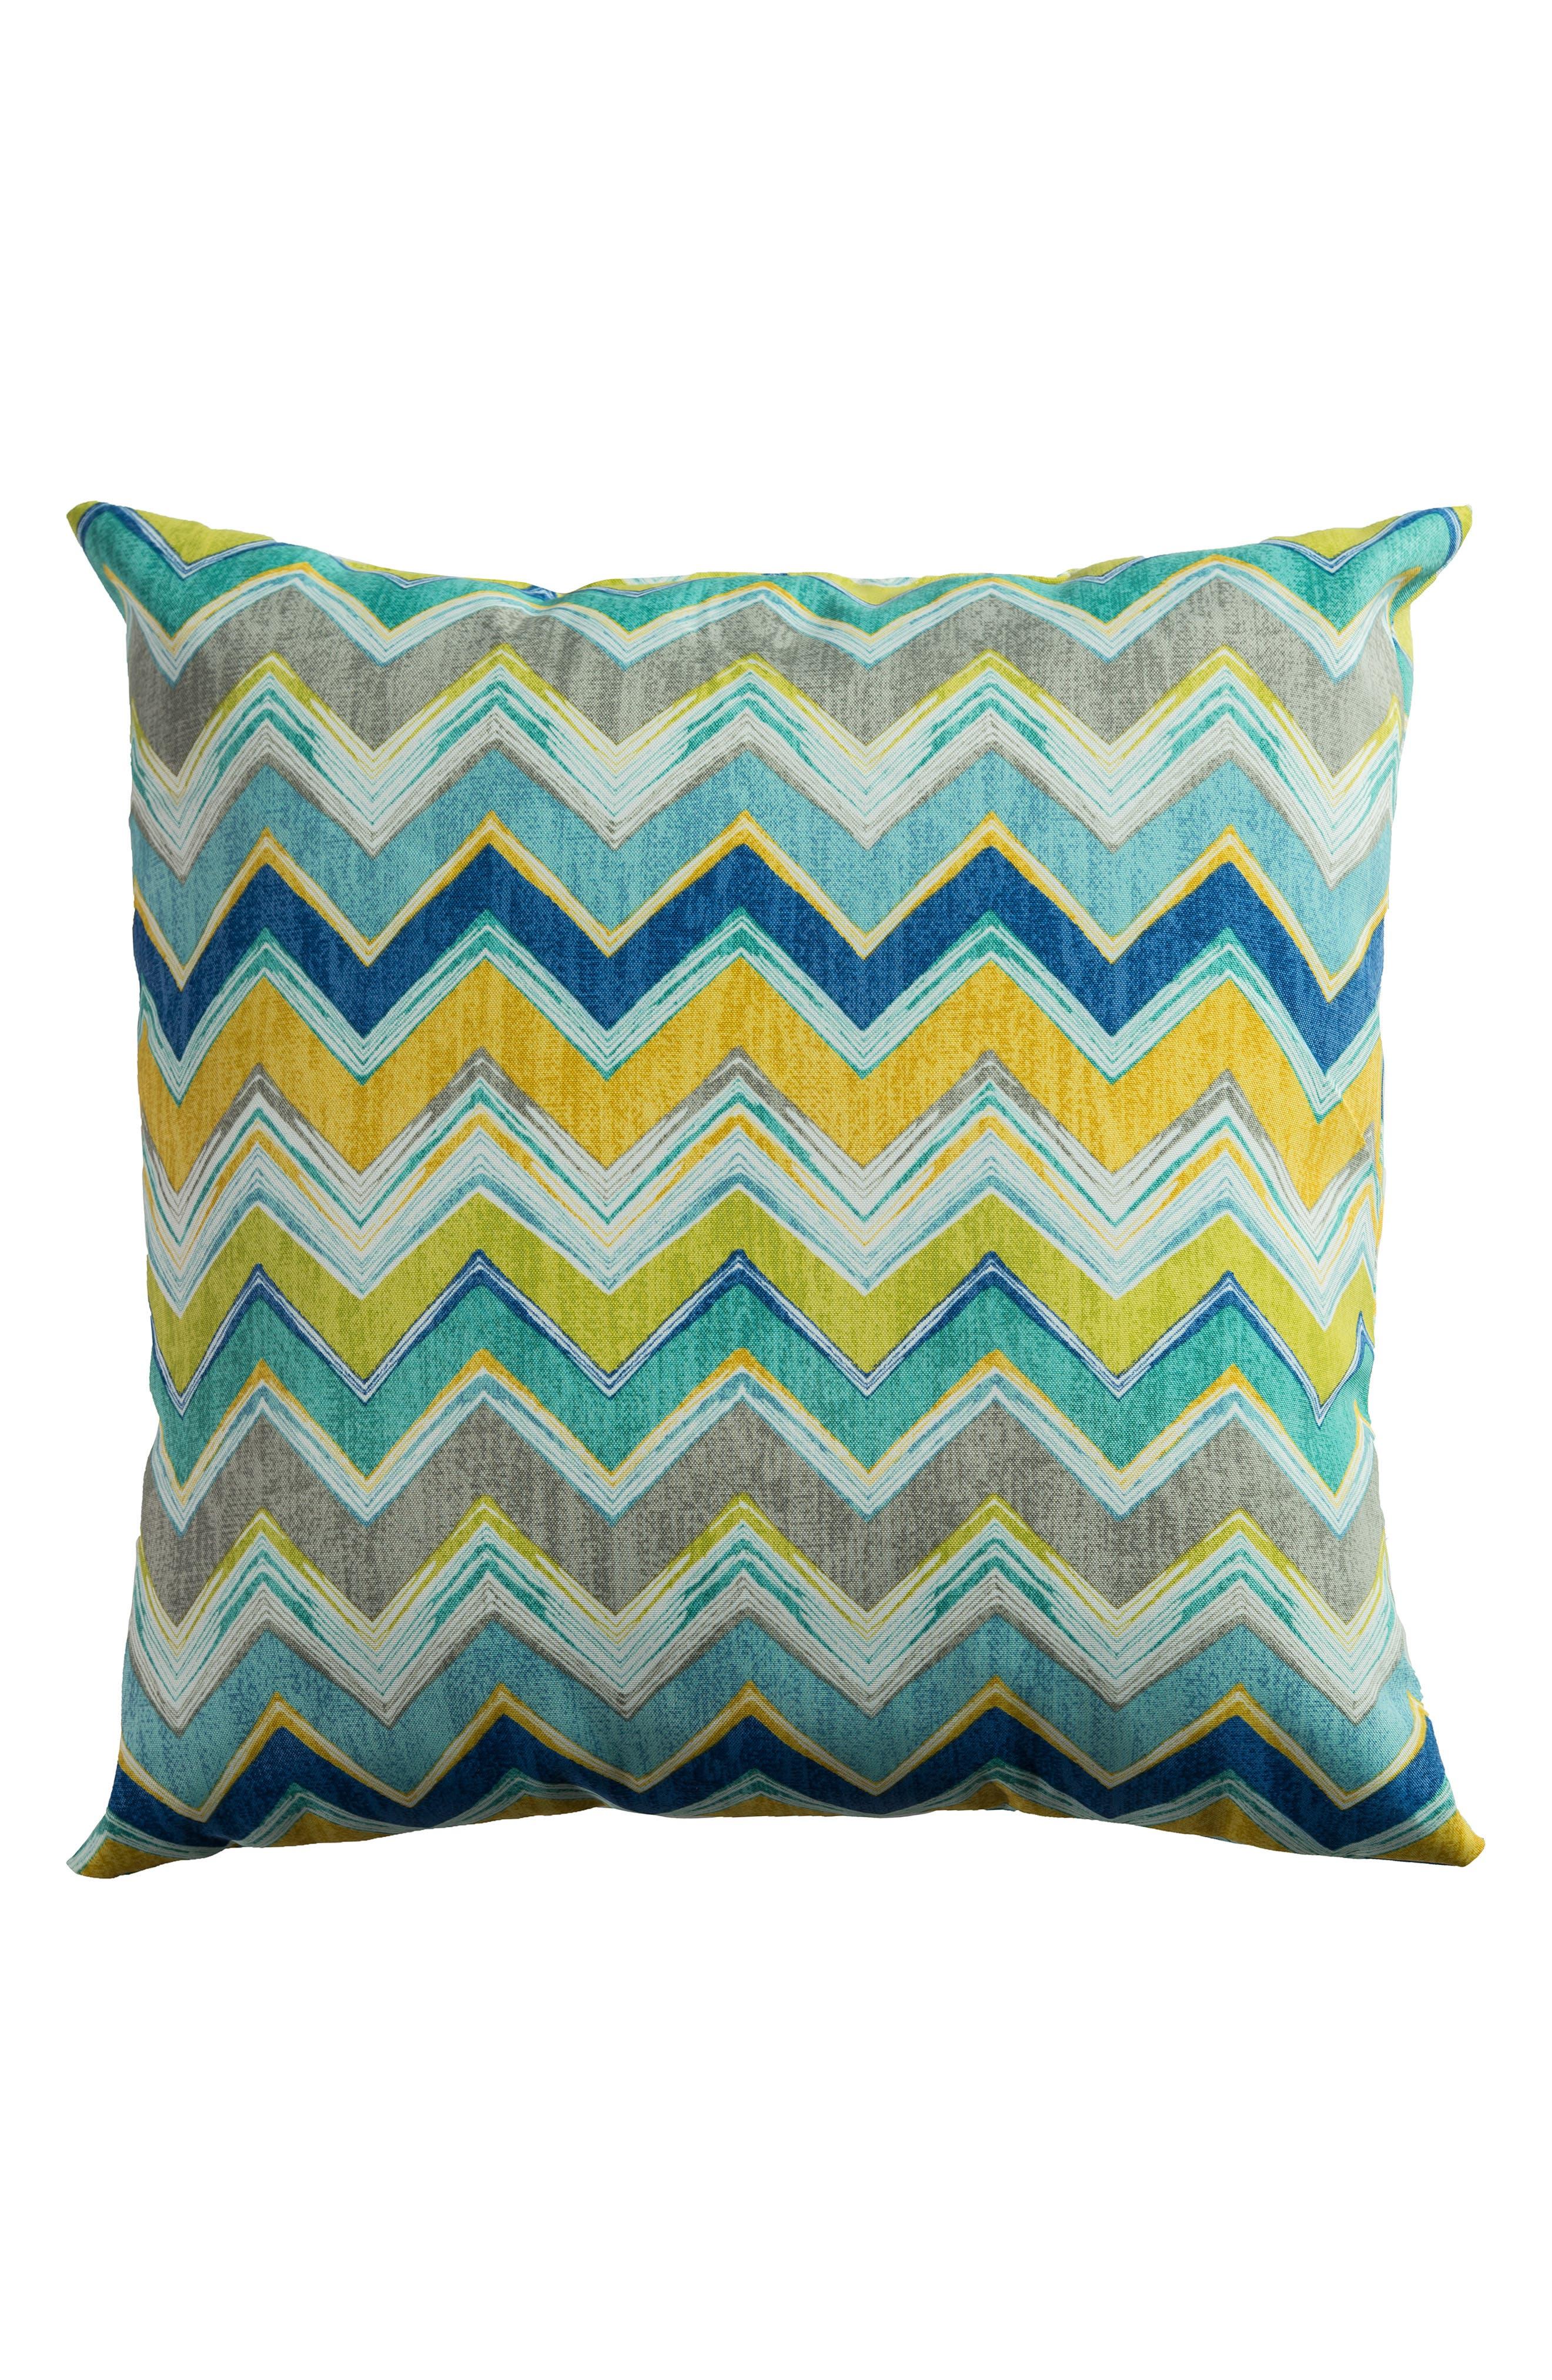 Chevron Outdoor Pillow,                             Alternate thumbnail 9, color,